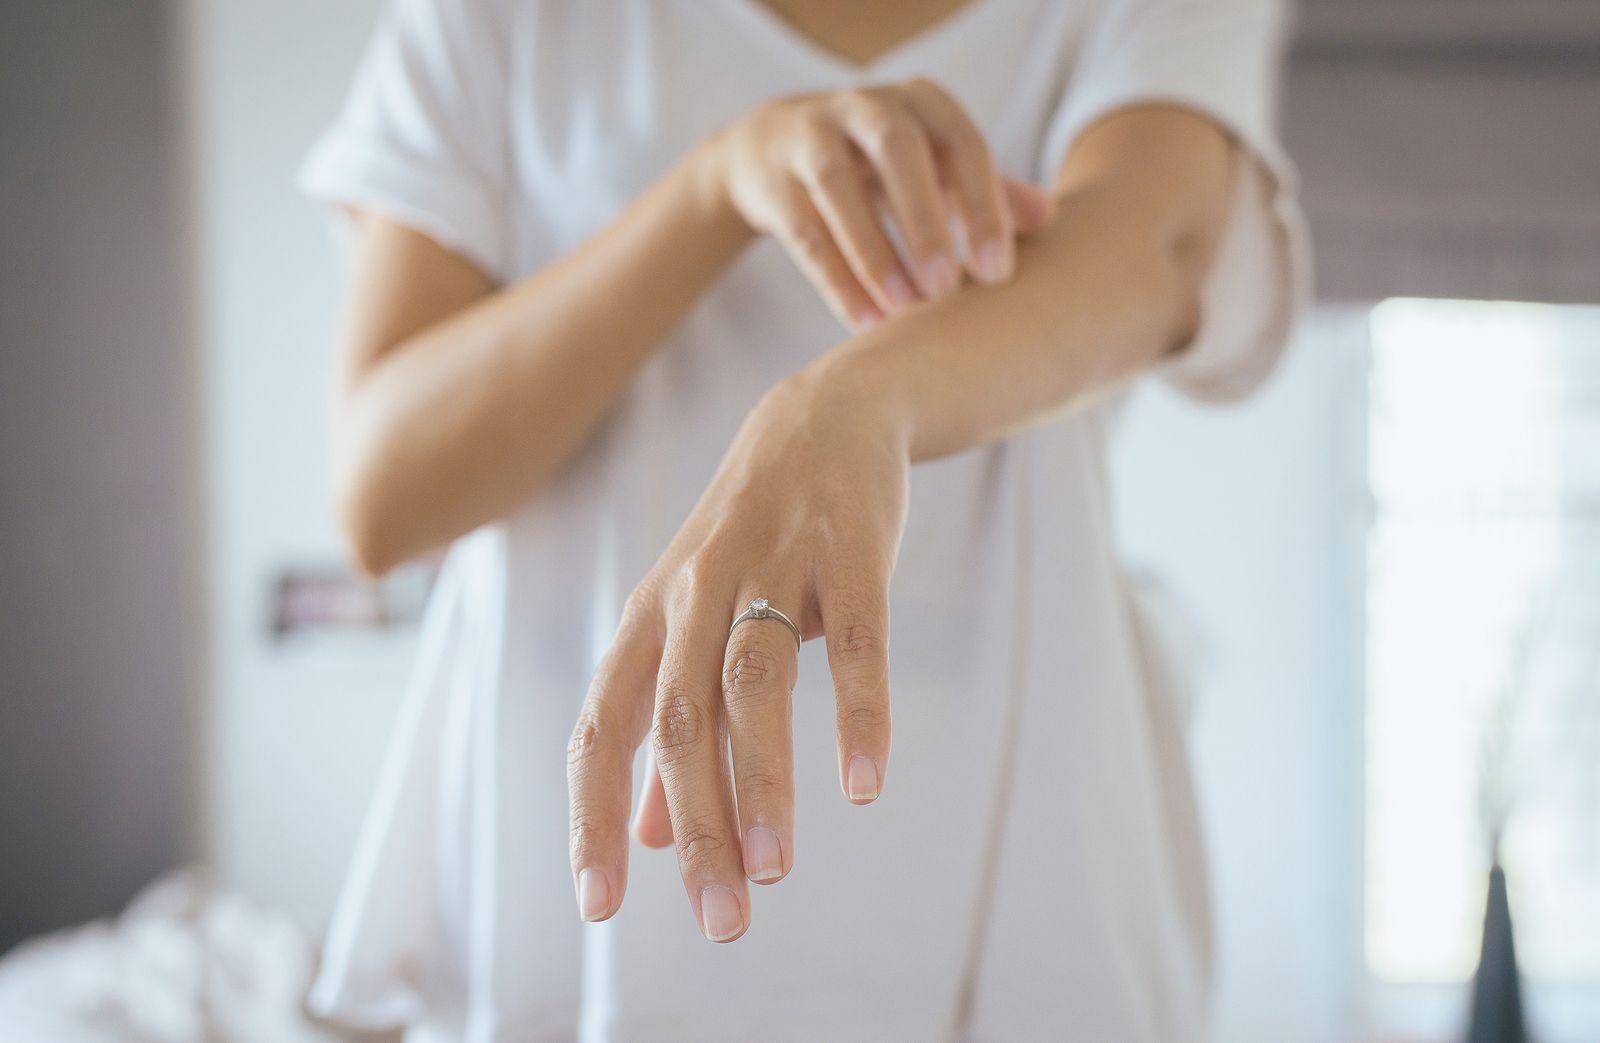 Eficacia de la acupuntura en el tratamiento de la dermatitis atópica